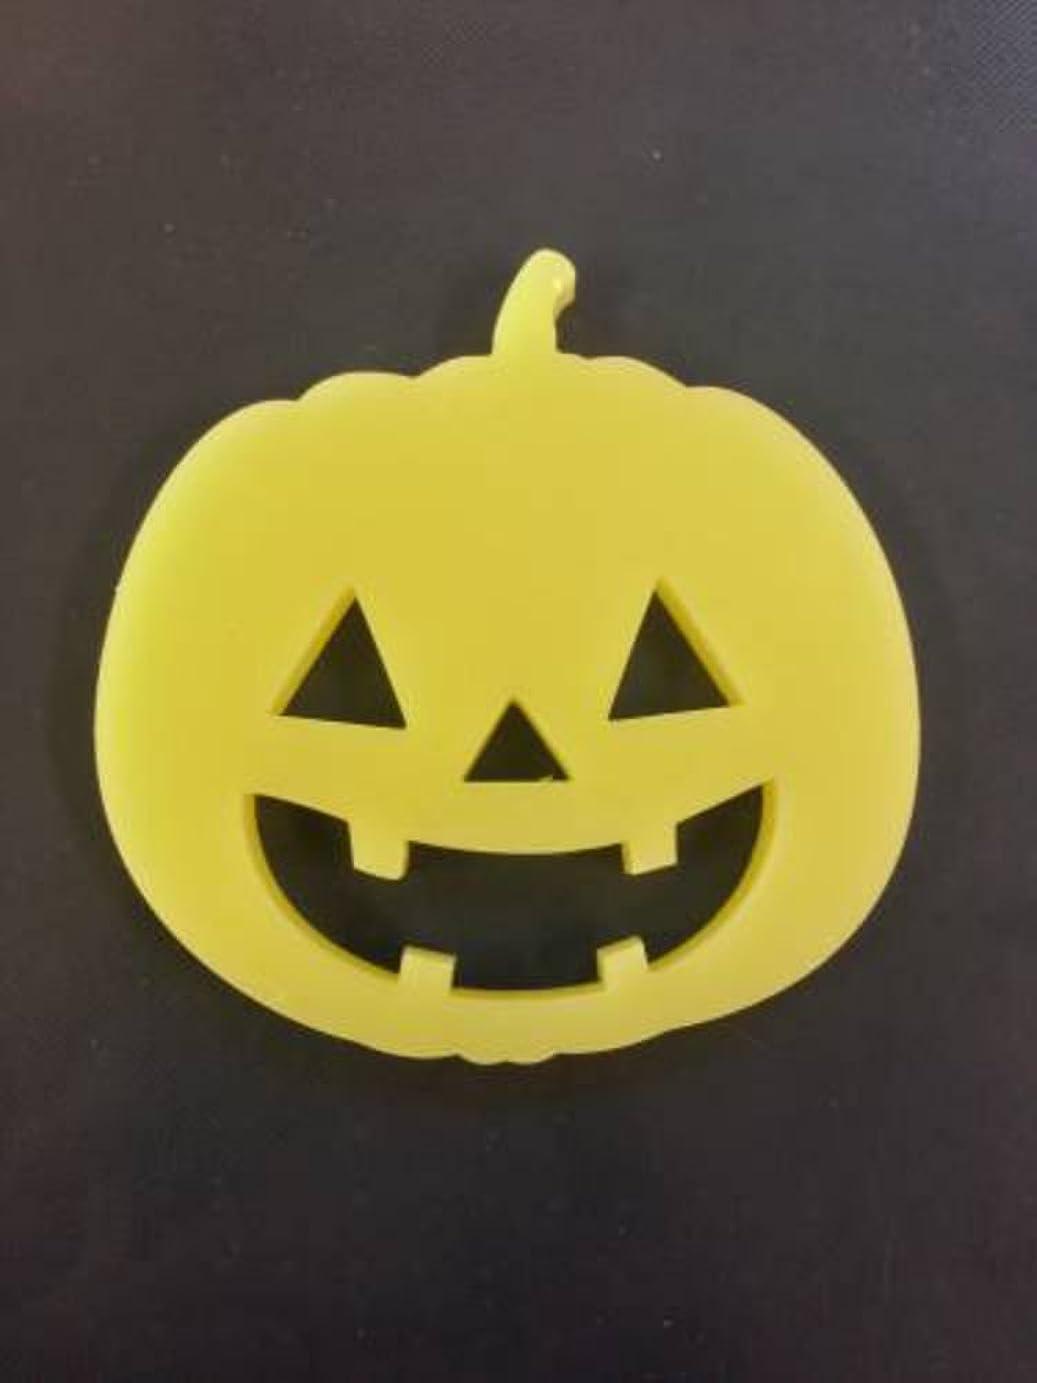 セレナ時折遅れGRASSE TOKYO AROMATICWAXチャーム「ハロウィンかぼちゃ」(YE) ベルガモット アロマティックワックス グラーストウキョウ